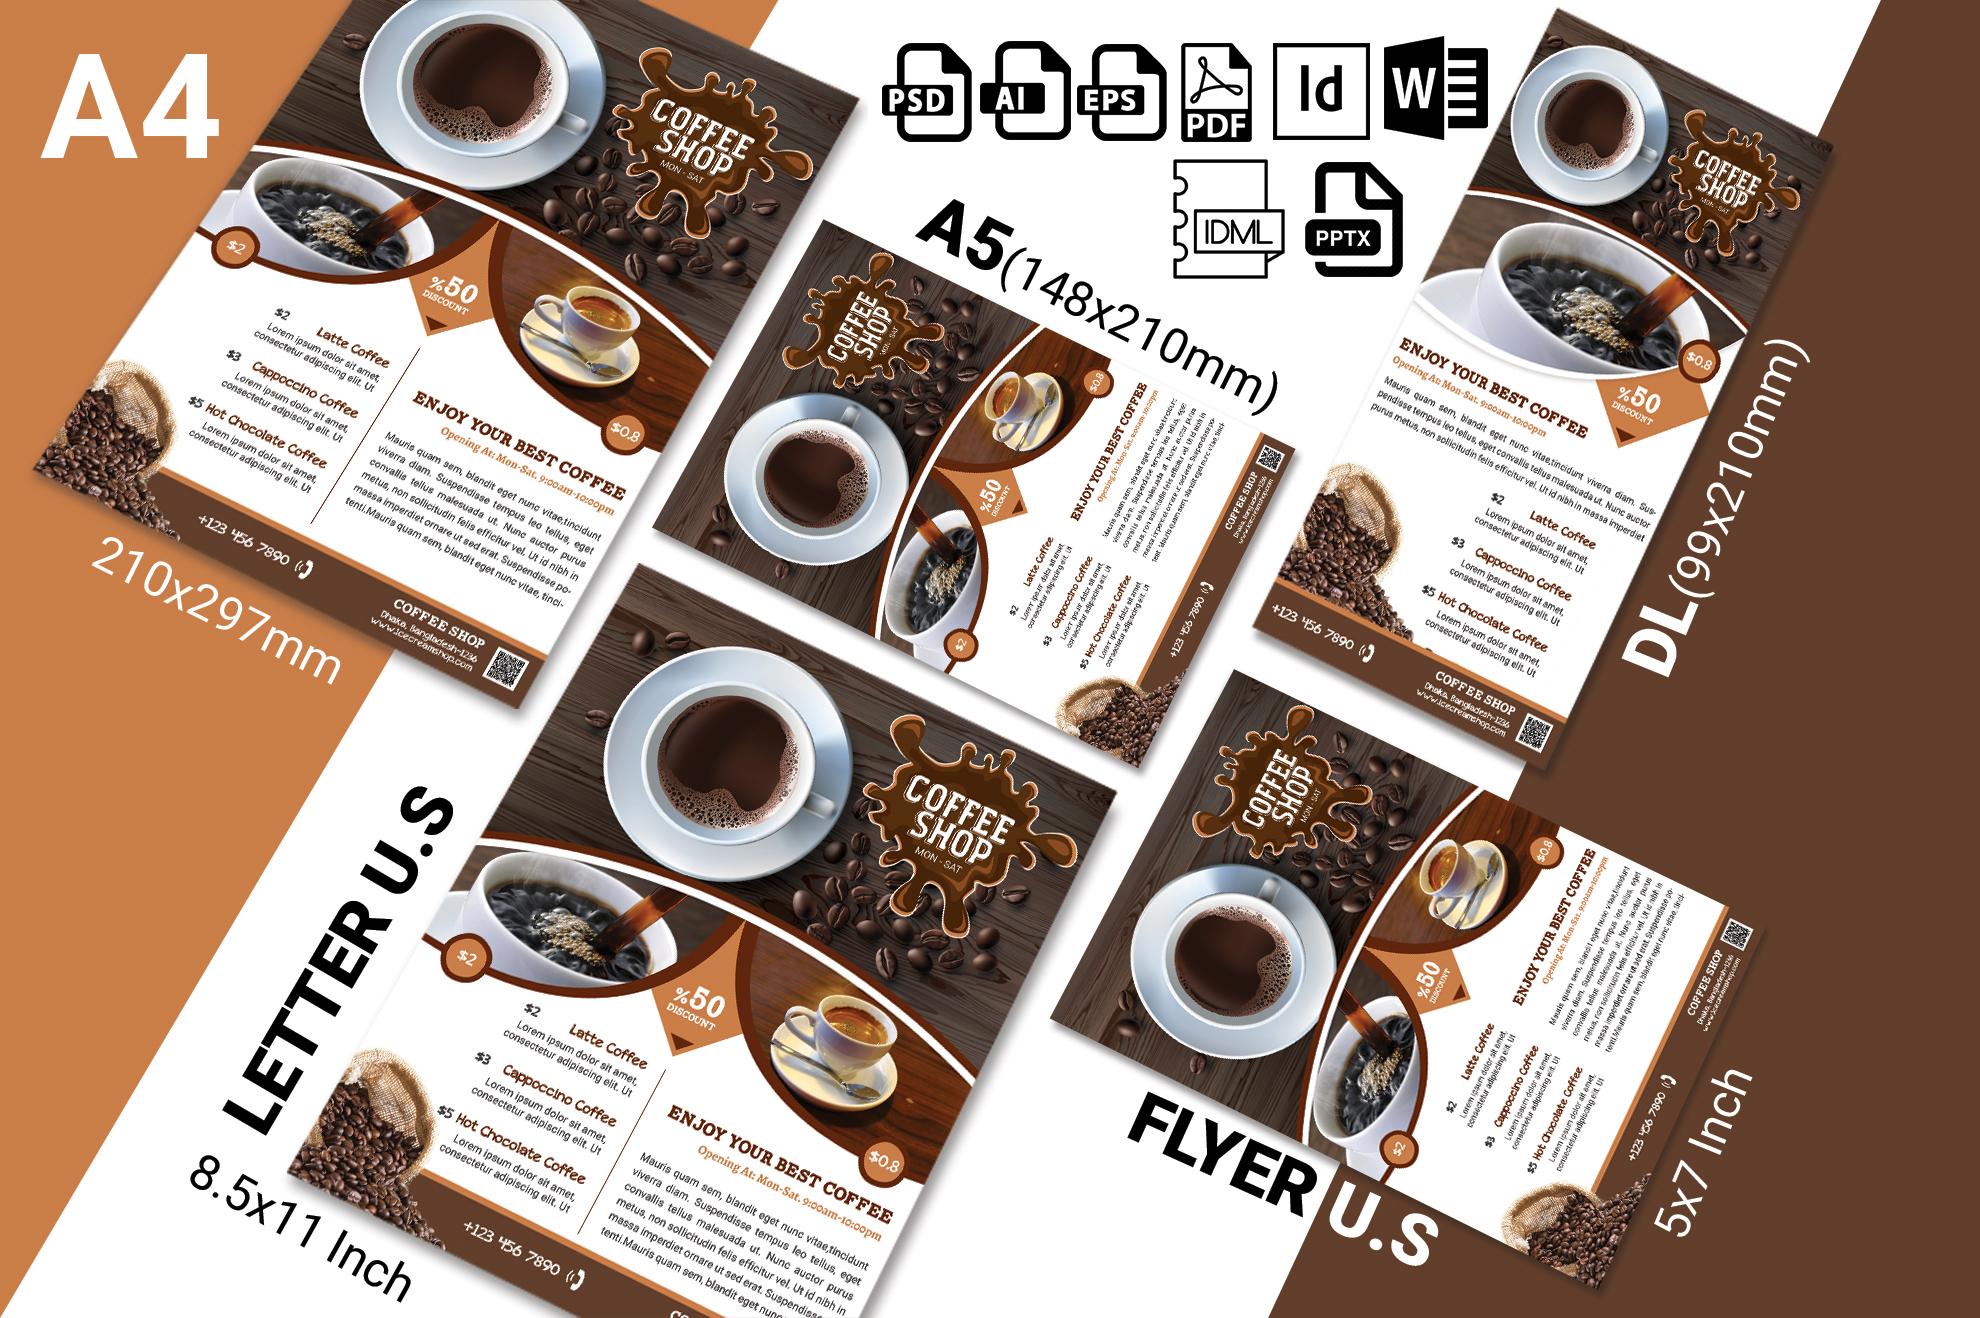 Coffee Shop Flyer Vol-01 example image 2